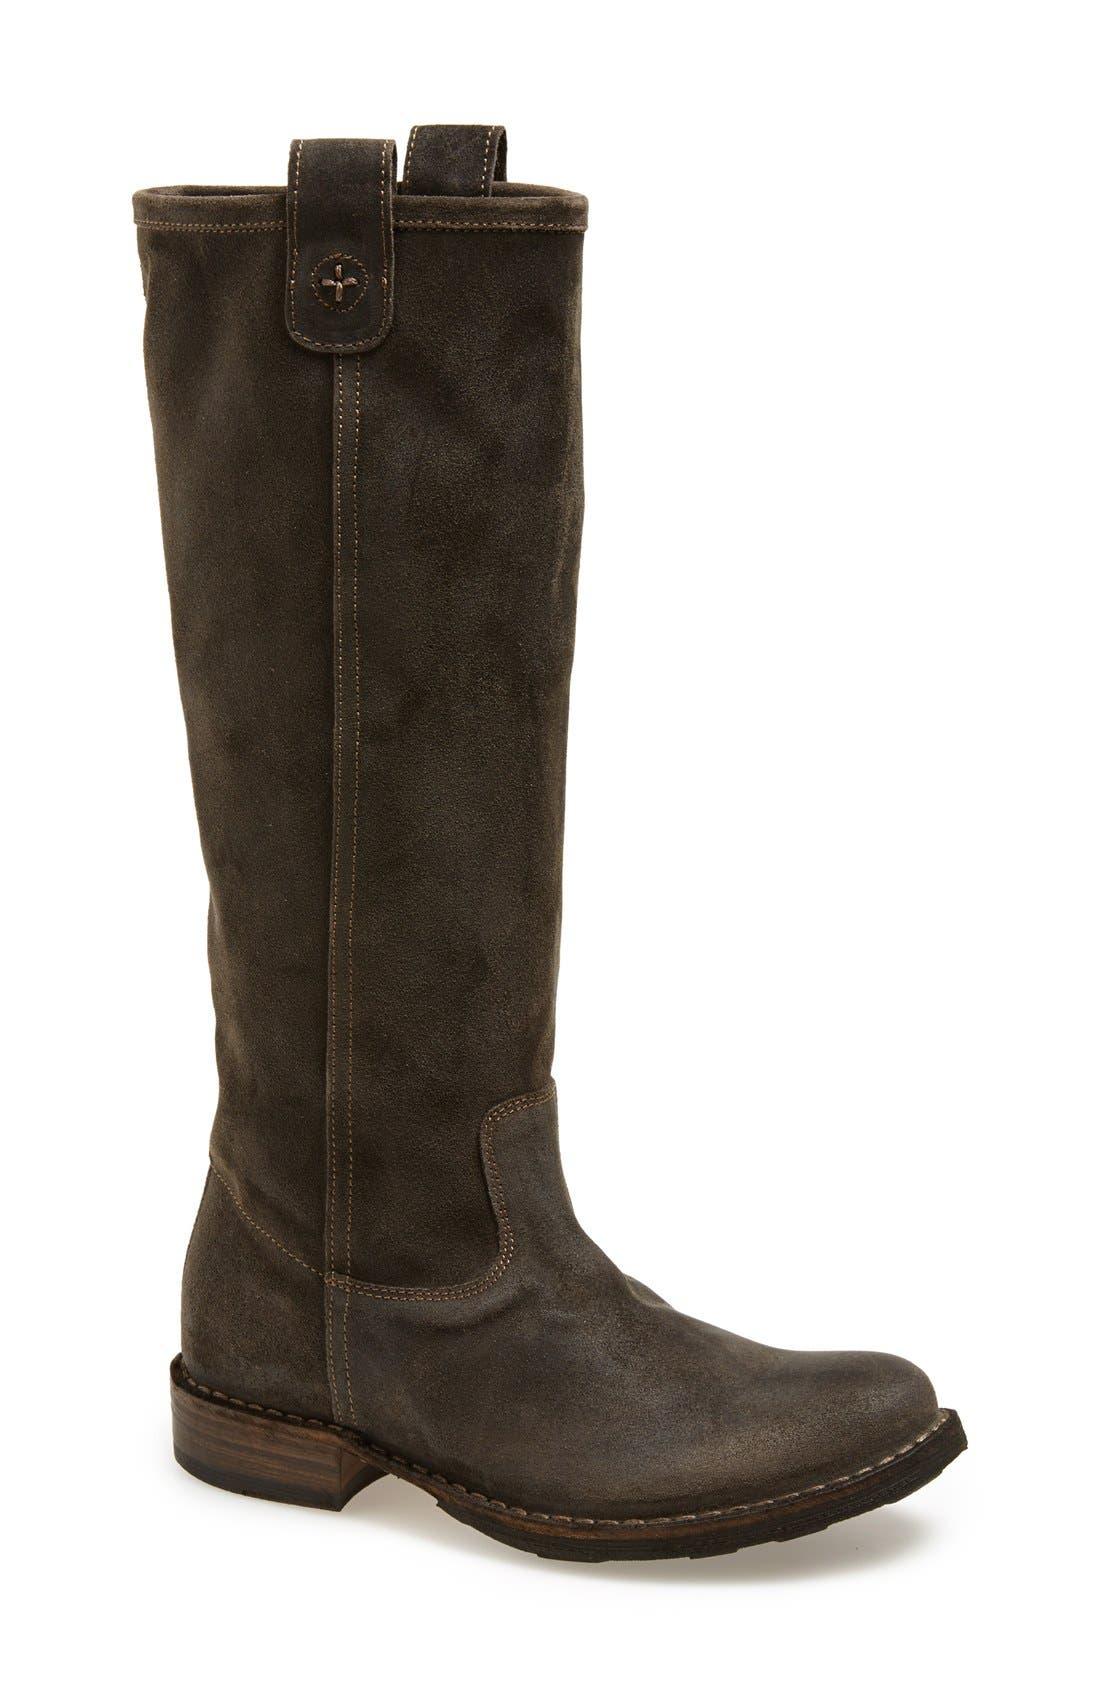 Alternate Image 1 Selected - Fiorentini + Baker 'Effie' Riding Boot (Women)